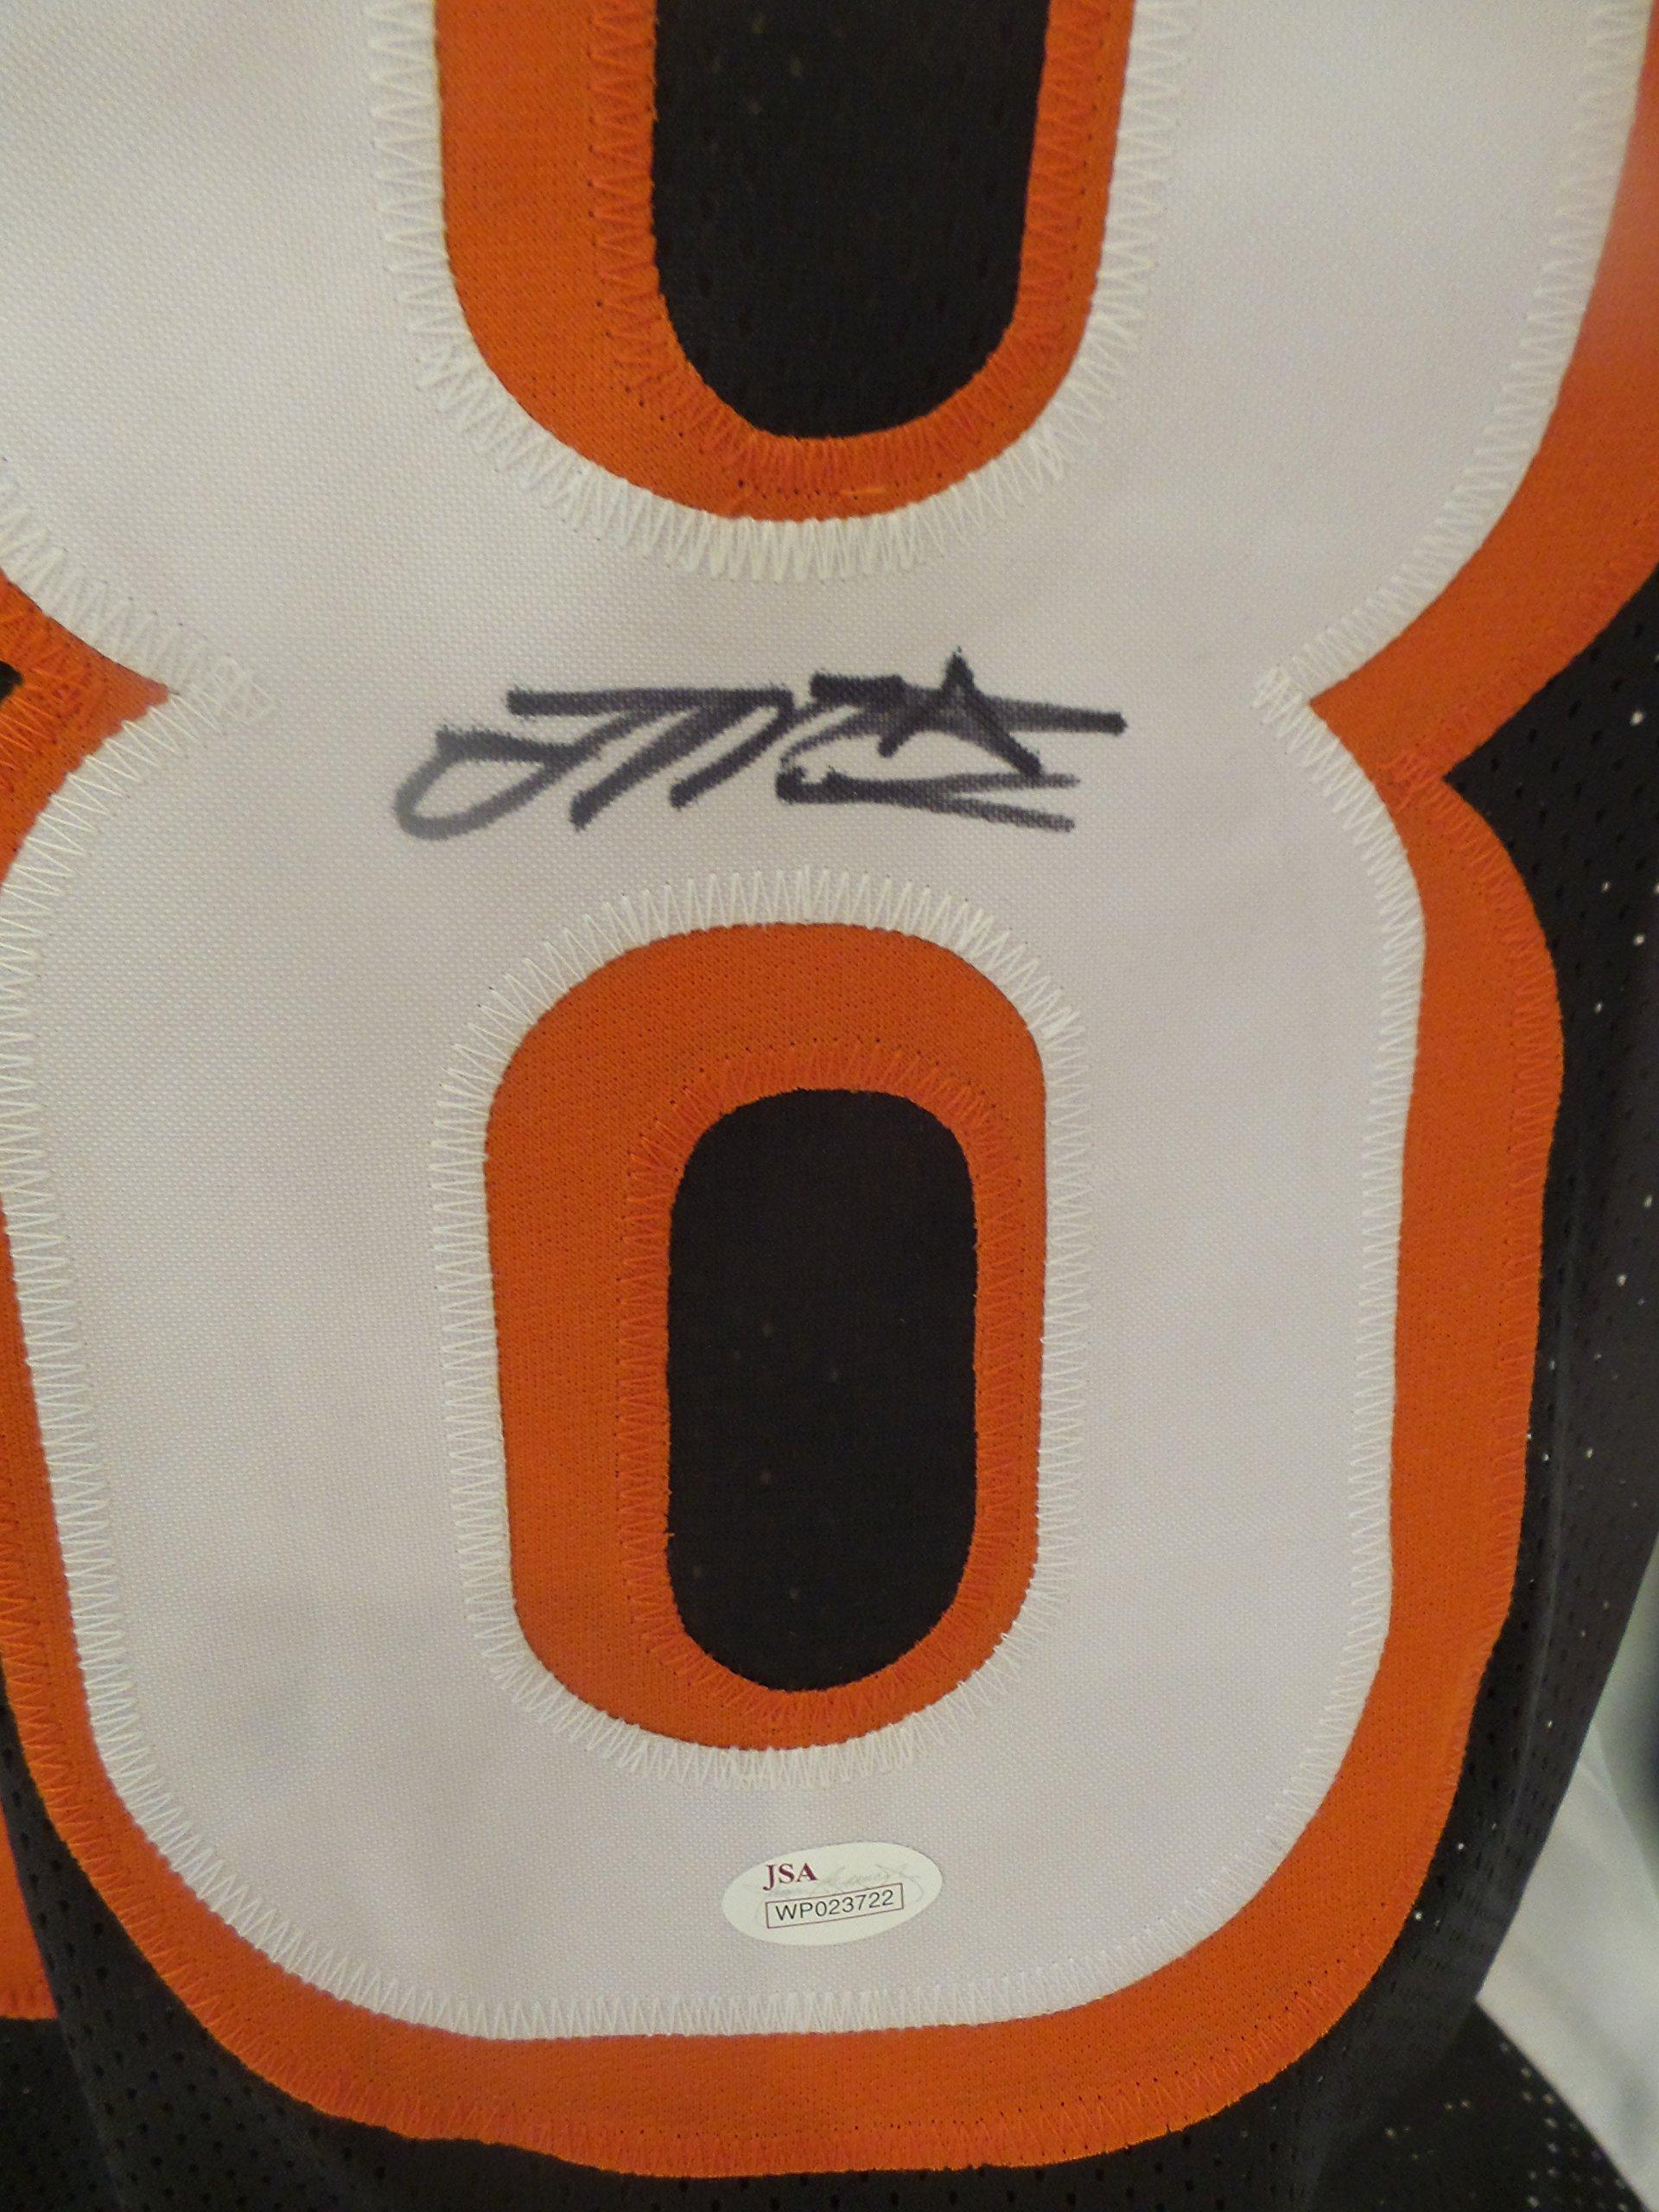 b2db9ea5d Joe Mixon Signed Cincinnati Bengals Black Autographed Jersey JSA ...